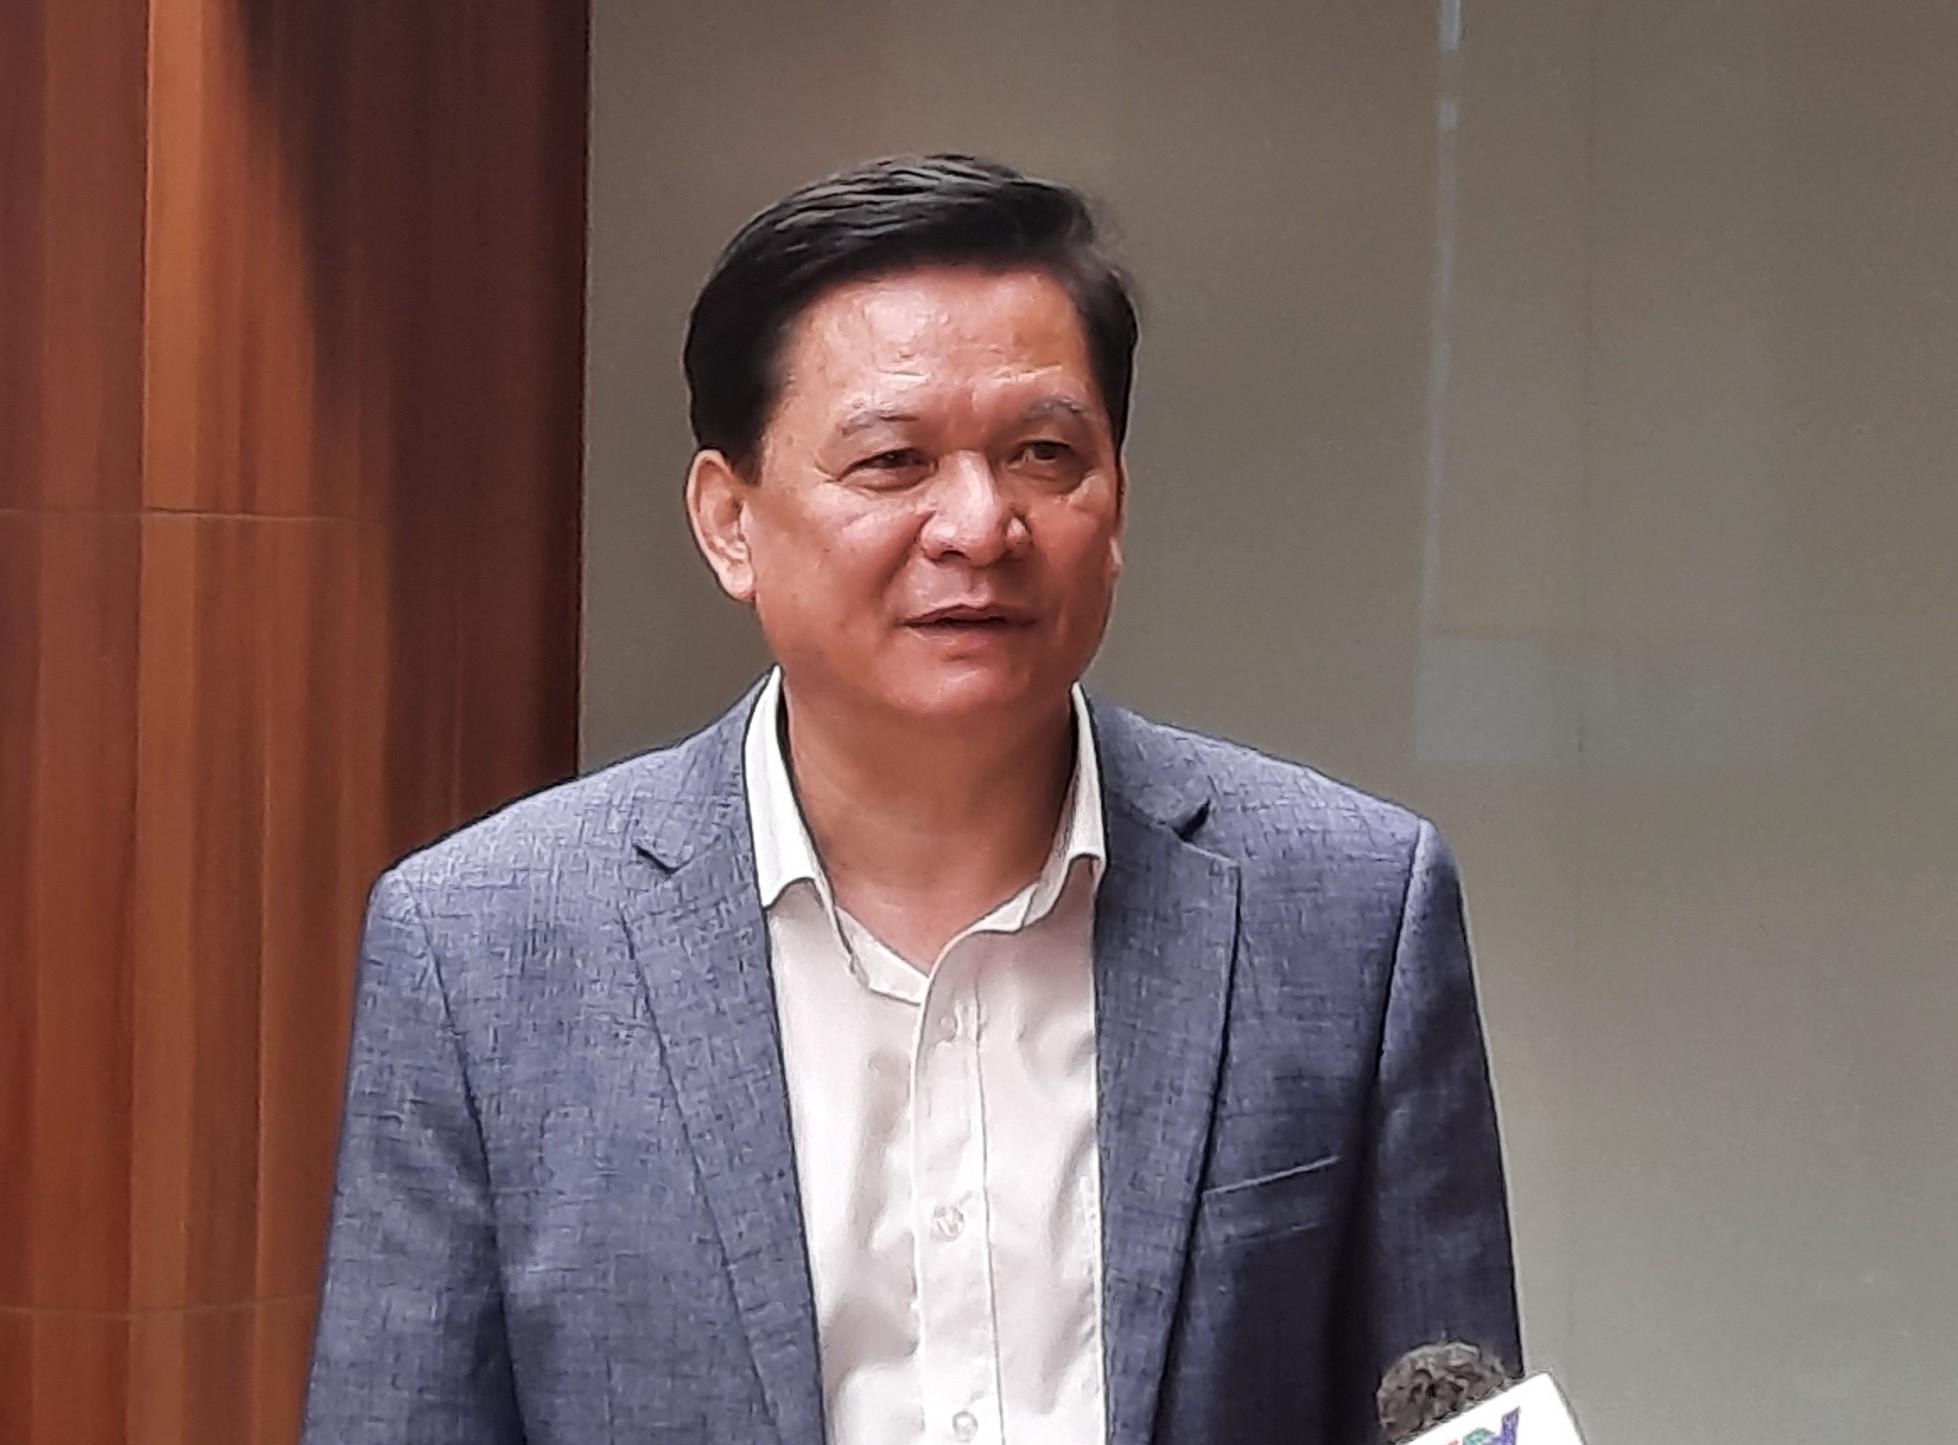 (BKTO) -&nbsp; Ông Nguyễn Hồng Long - Phó Trưởng Ban Chỉ đạo đổi mới và phát triển DN - trả lời phỏng vấn của Báo Kiểm toán<br><br><b>THÙY ANH</b> (thực hiện)